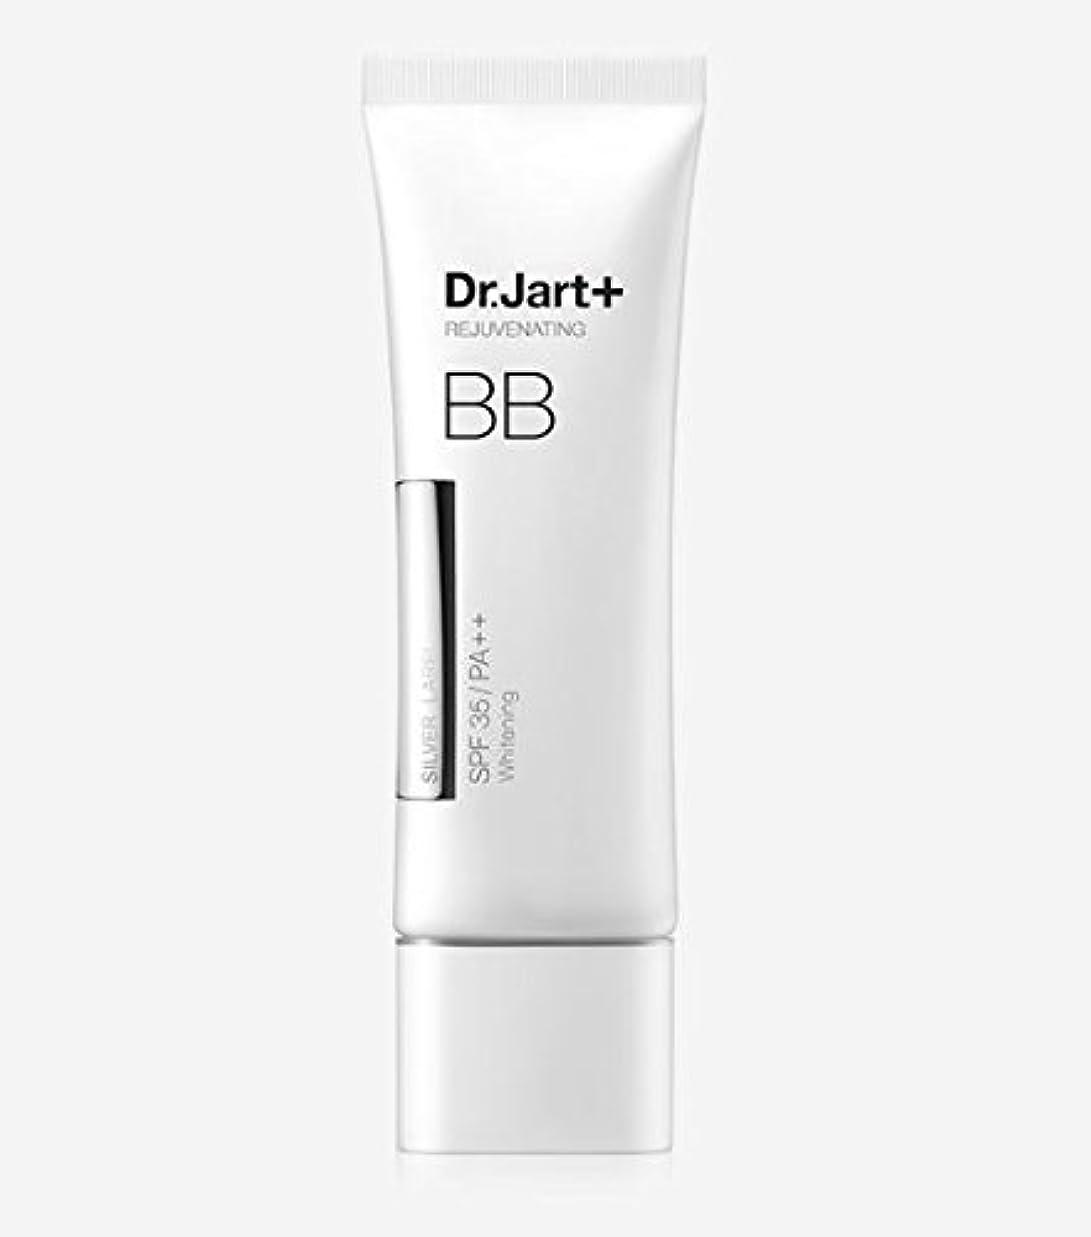 褐色憂慮すべき連続した[Dr. Jart] Silver Label BB Rejuvenating Beauty Balm 50ml SPF35 PA++/[ドクタージャルト] シルバーラベル BB リジュビネイティング ビューティー バーム...